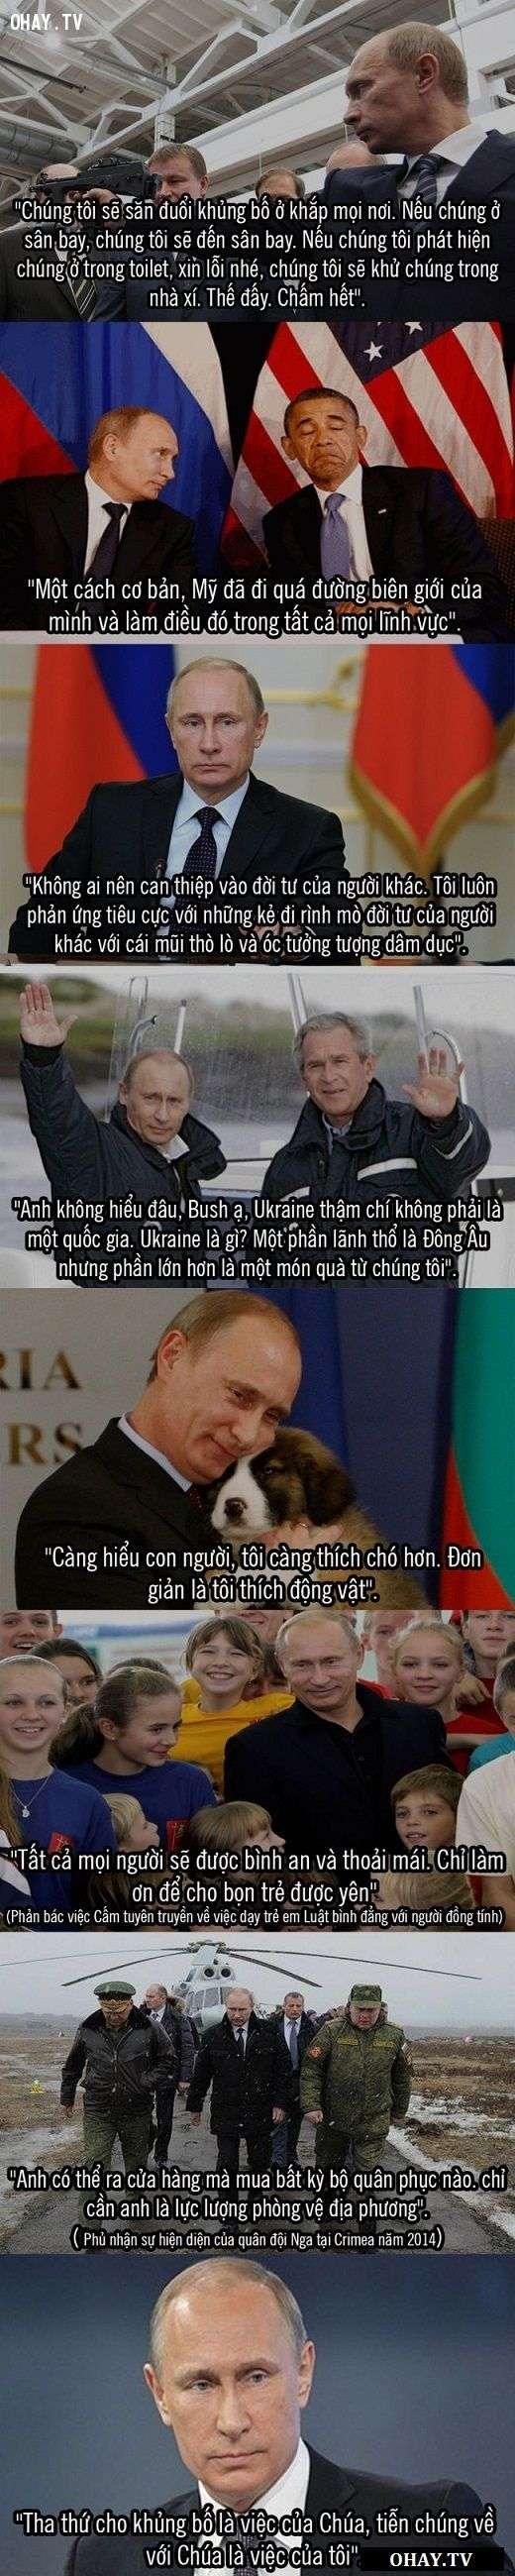 cau noi putin 3 Những câu nói bất hủ của Tổng thống Nga Vladimir Putin